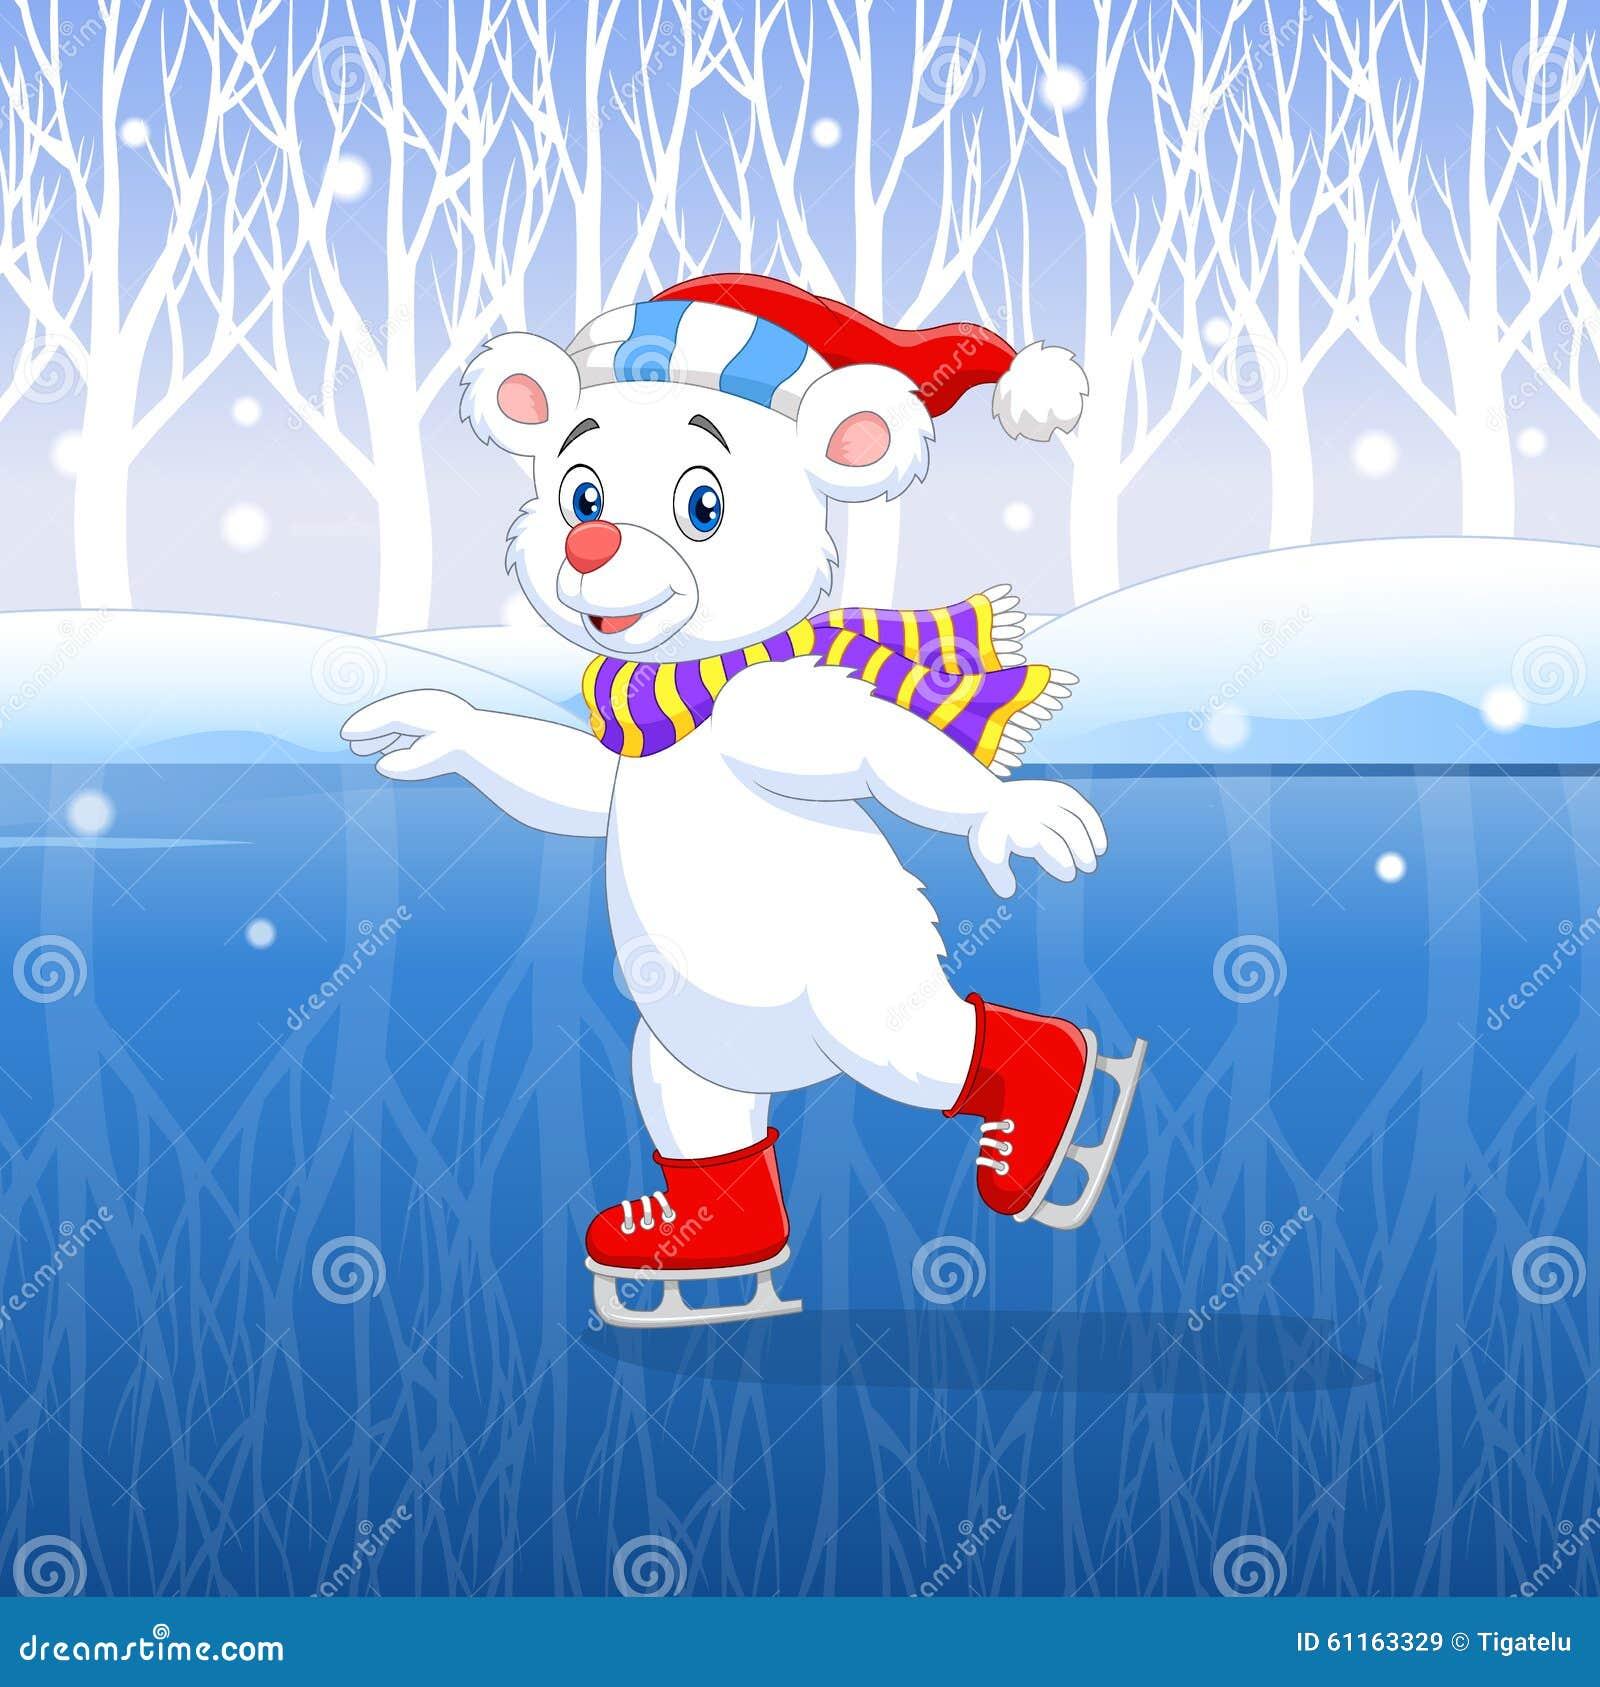 逗人生病的v小孩有冬天小孩的动画片北极熊的背景.乌龟放生喜爱例证好吗图片